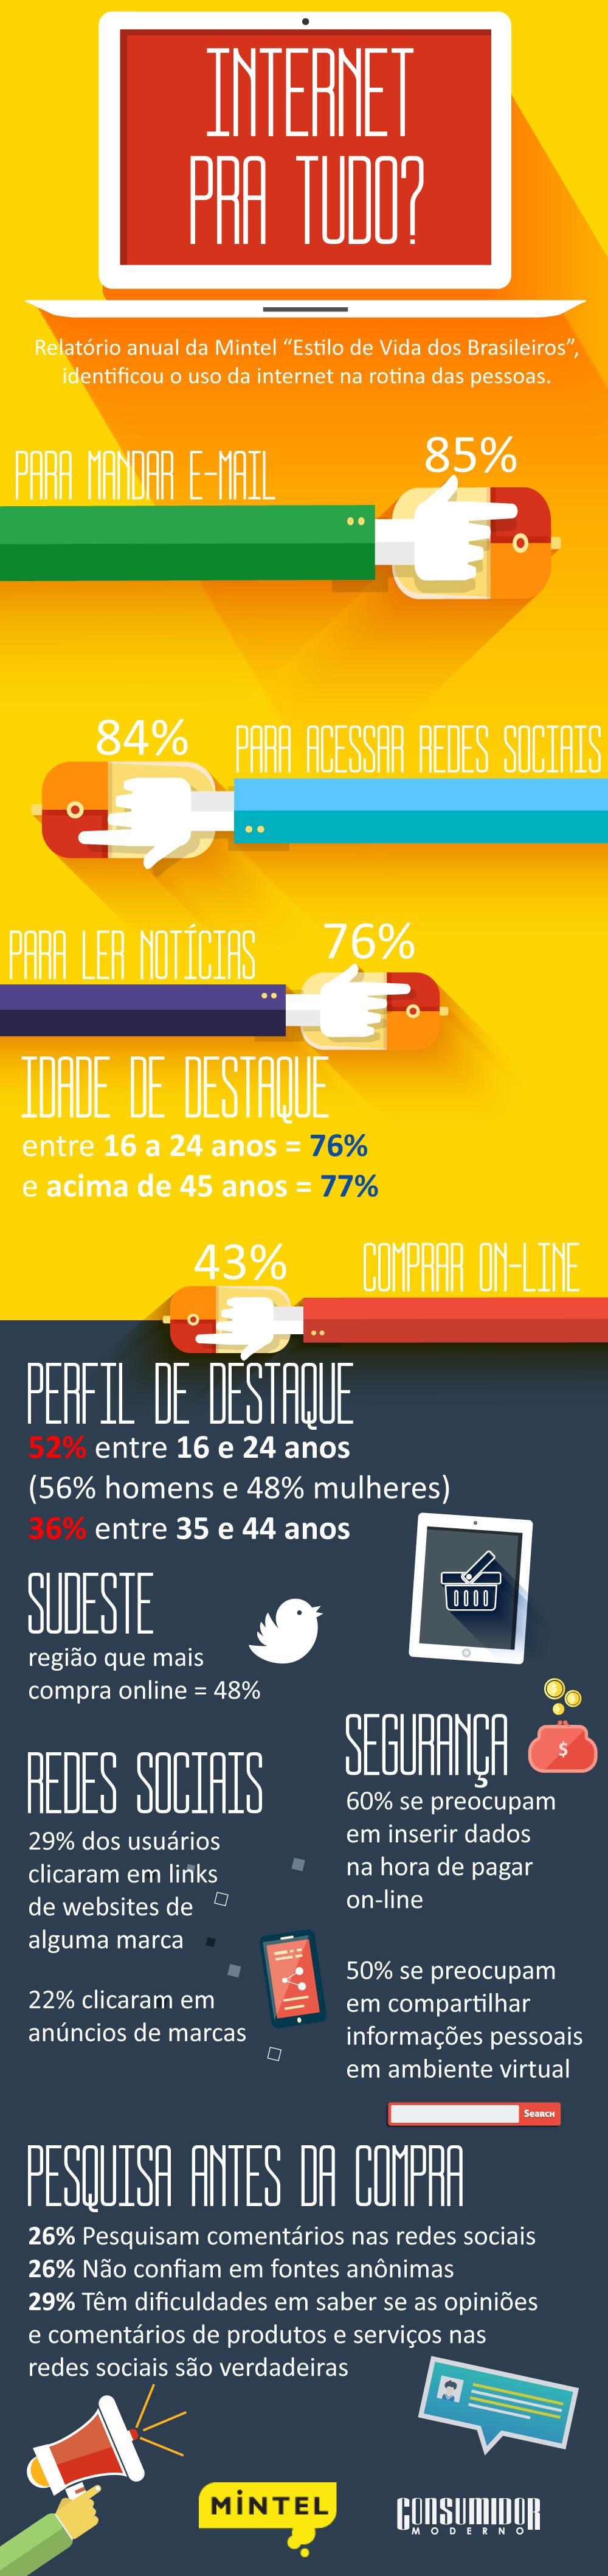 brasileiros_acesso_internet - Copy